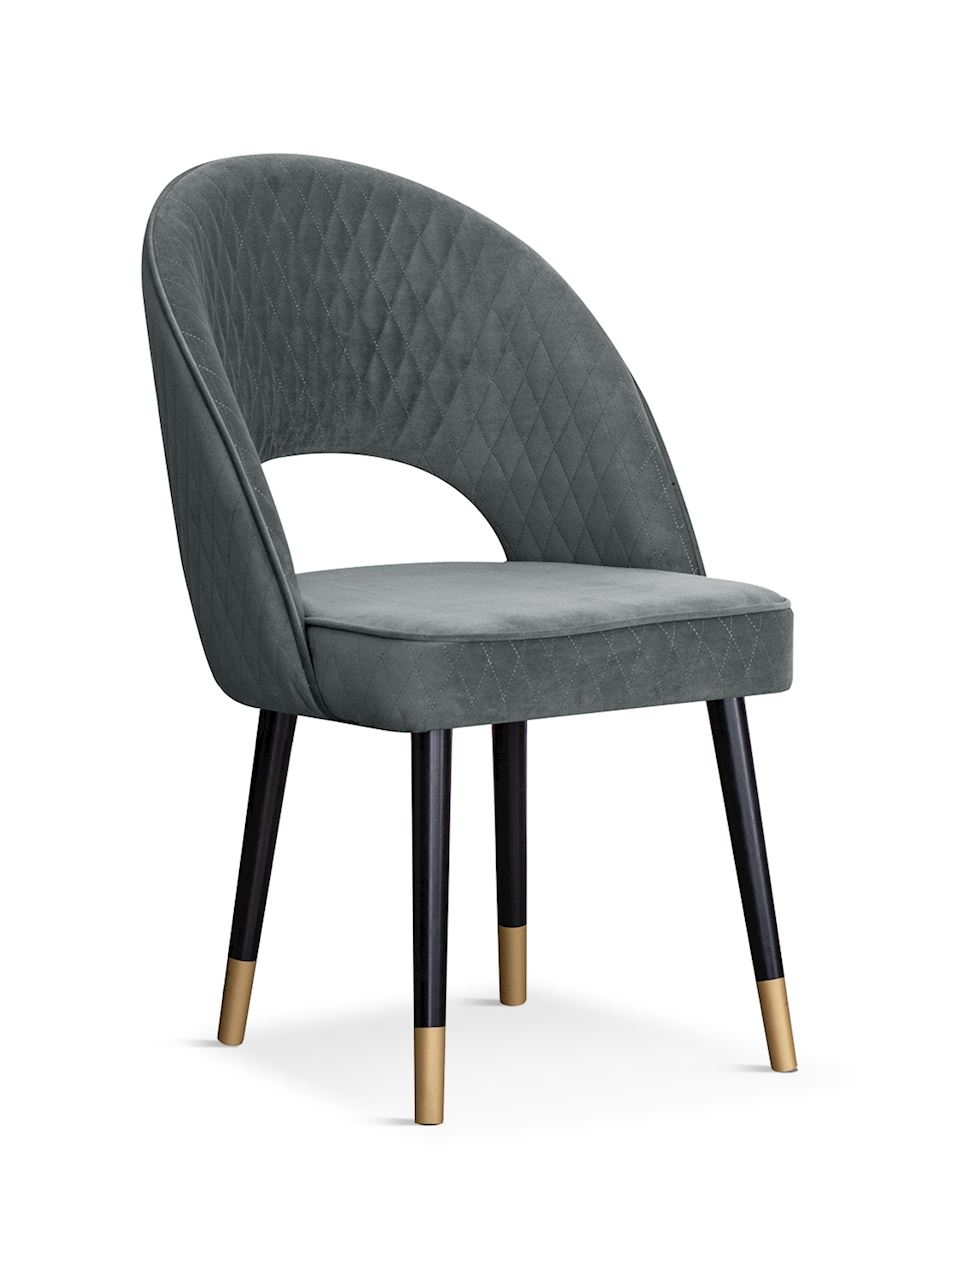 Scaun tapitat cu stofa, cu picioare din lemn Ponte Grey / Black / Gold, l56xA63xH89 cm